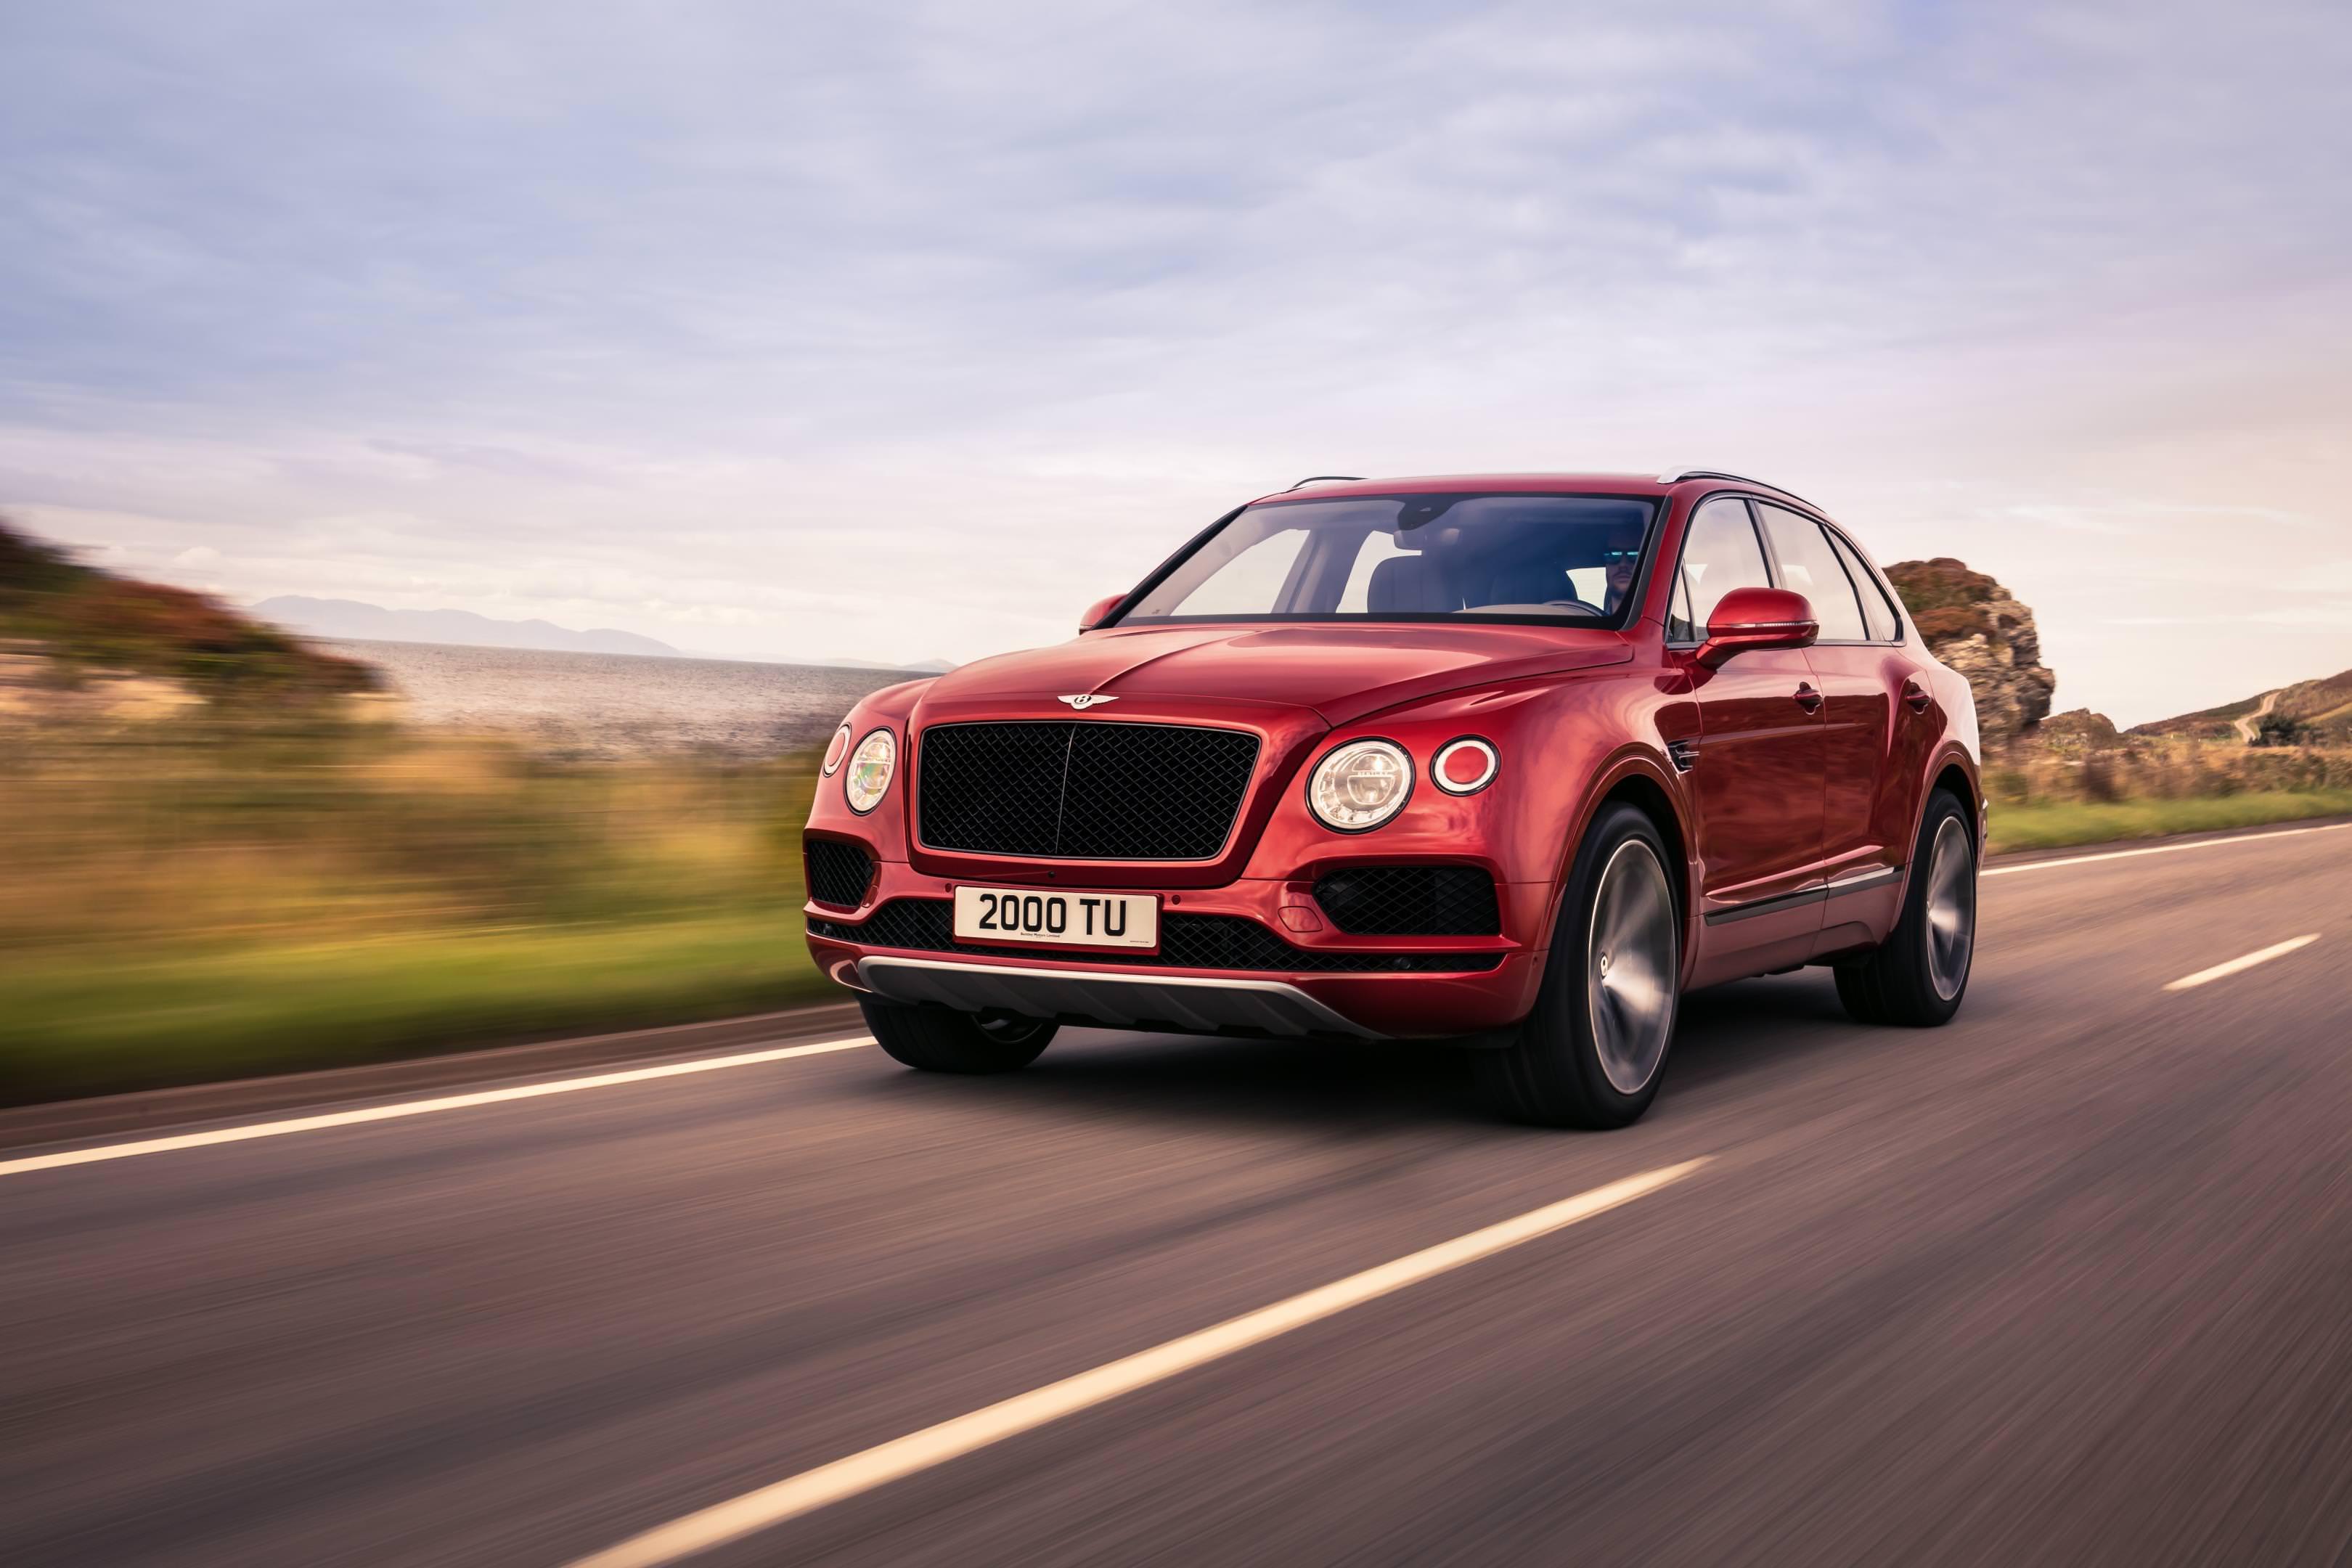 image of a red bentley bentayga car exterior